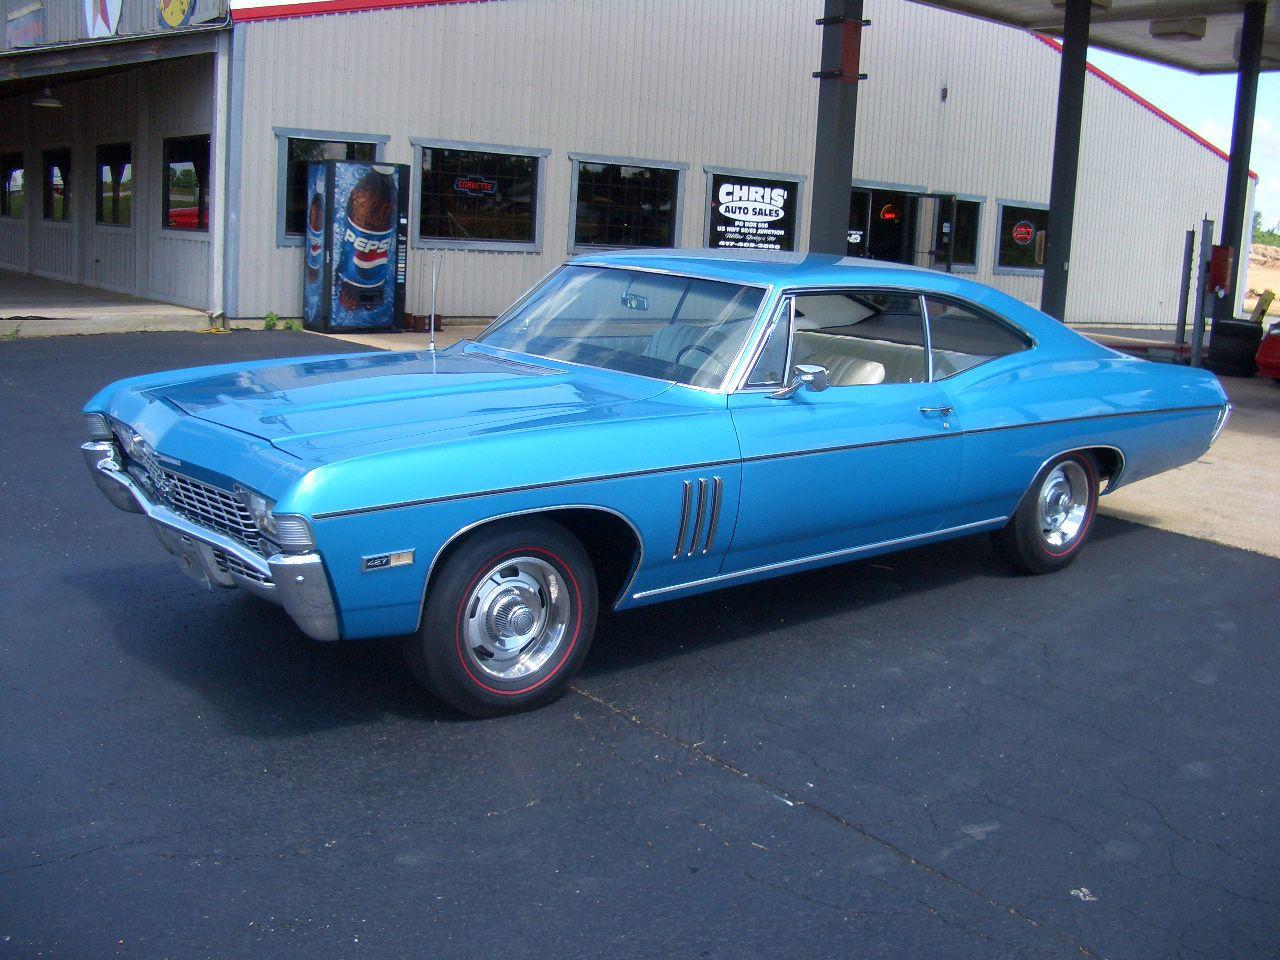 1968 Impala SS427